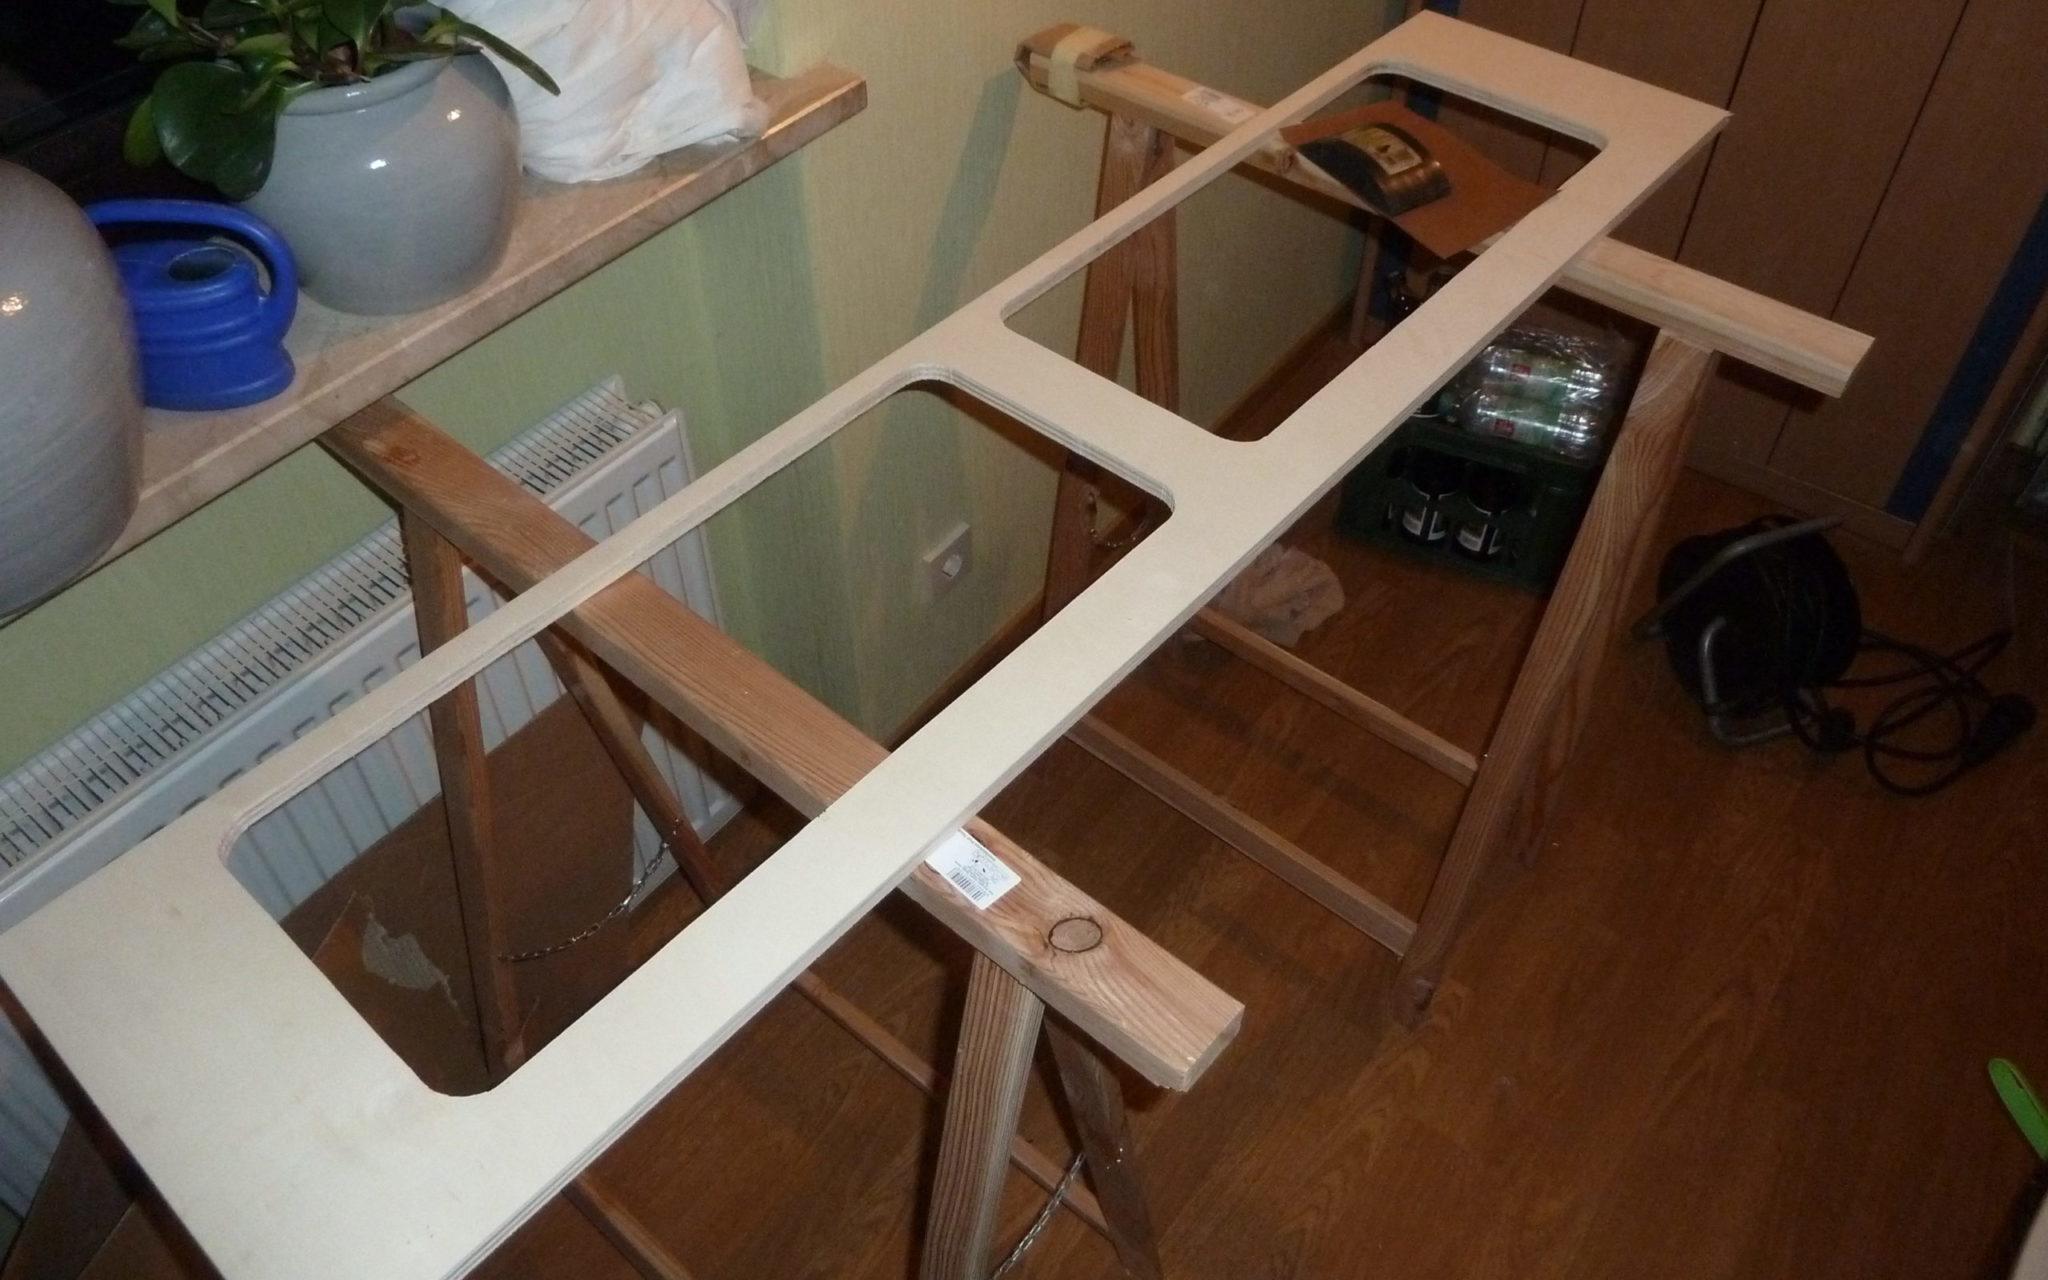 Möbelbau Hängeschrank Iveco Daily Campervan Pappelsperrholz Ausschnitt sägen